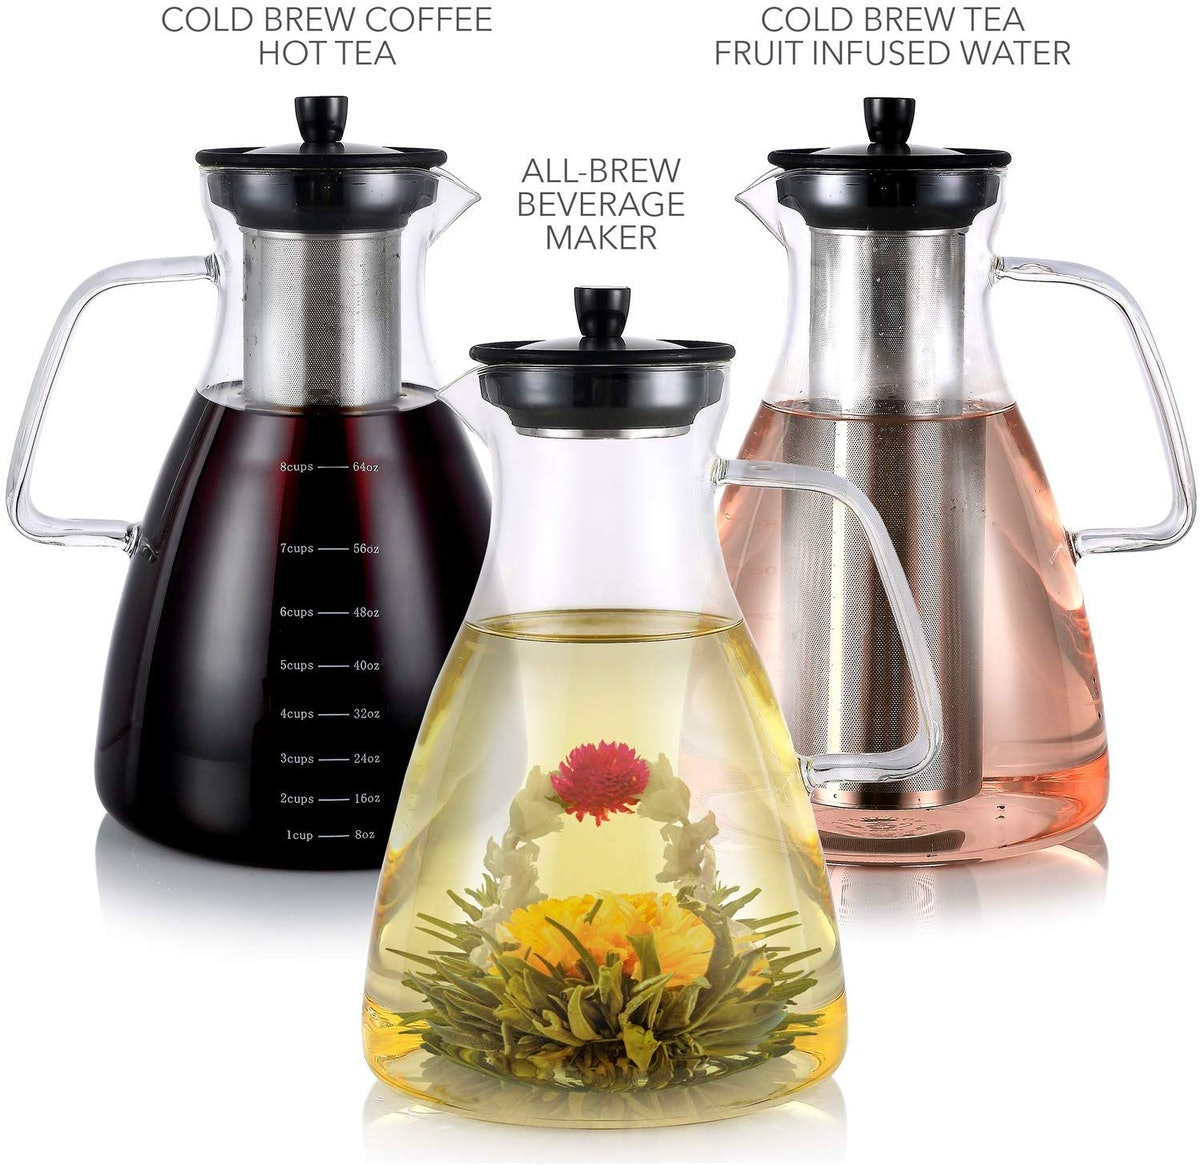 Teabloom Precision All-Brew Beverage Maker